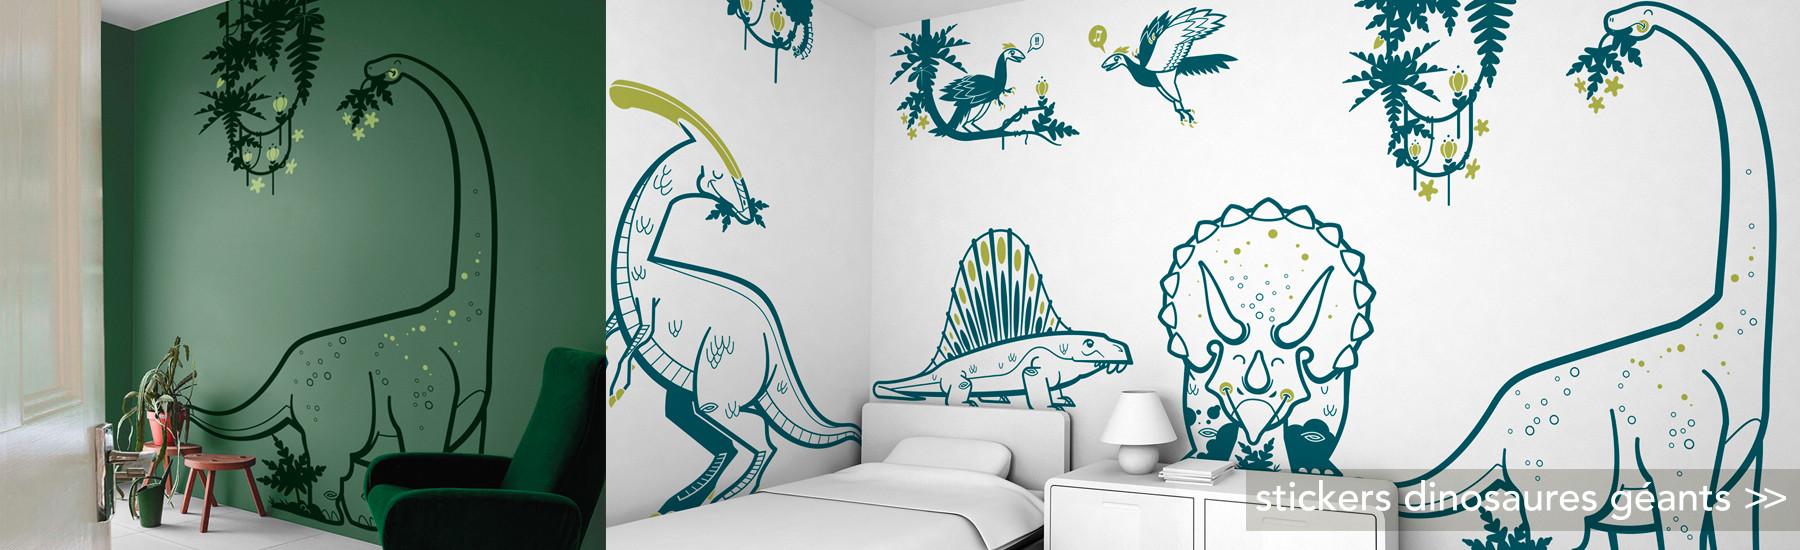 stickers dinosaures géants XXL, décoration murale chambre enfant